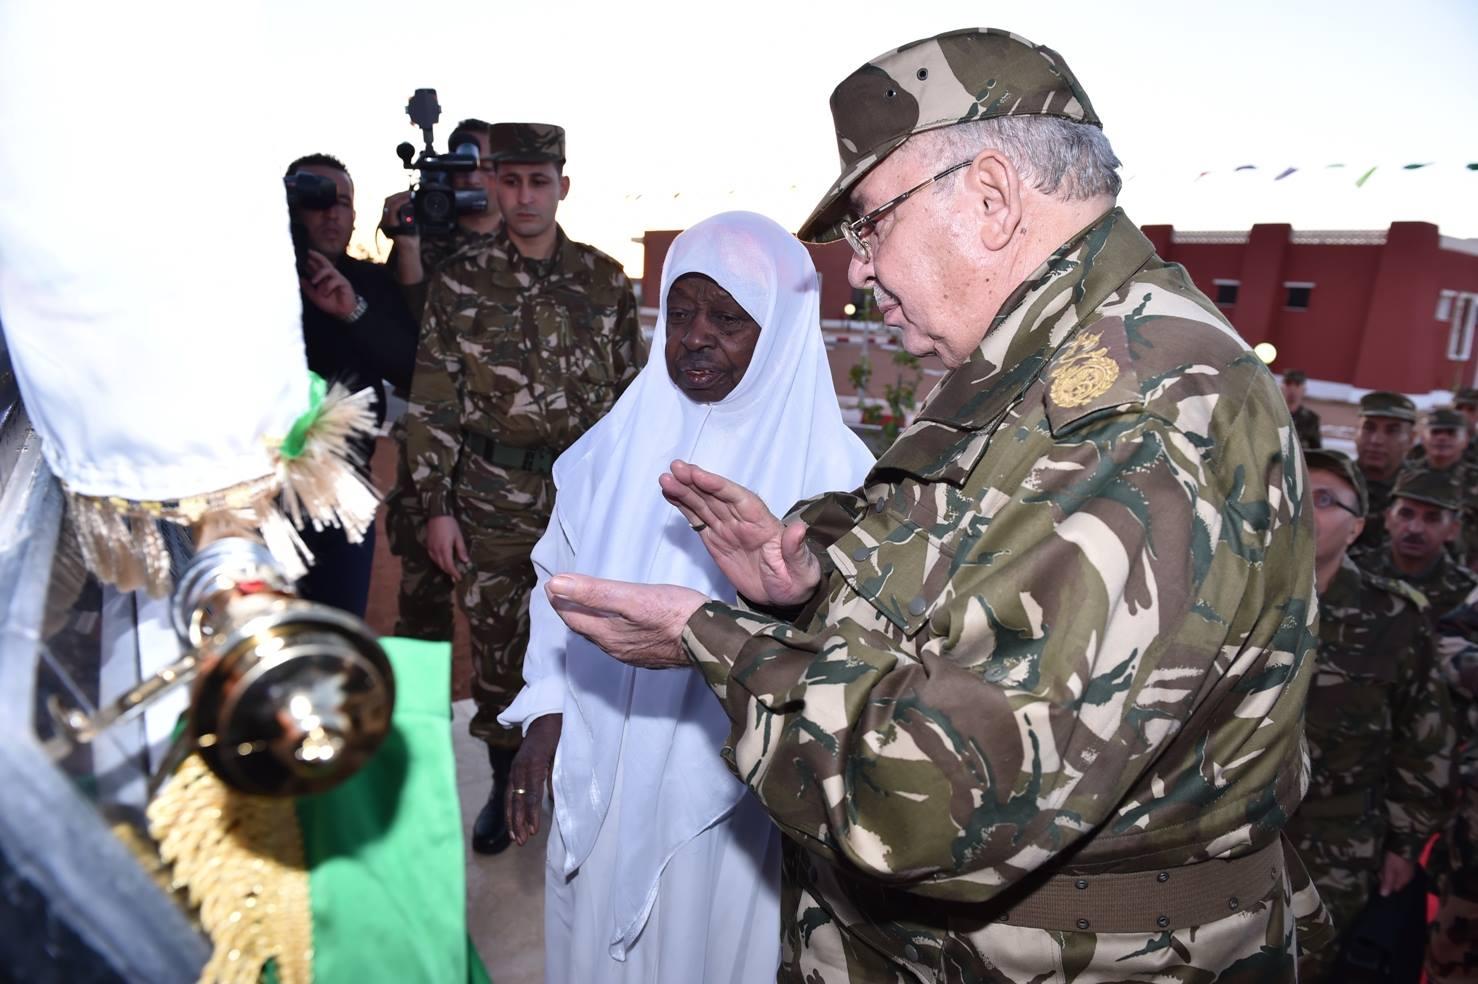 الجزائر : صلاحيات نائب وزير الدفاع الوطني - صفحة 5 30267327654_7fe1a91d4e_o